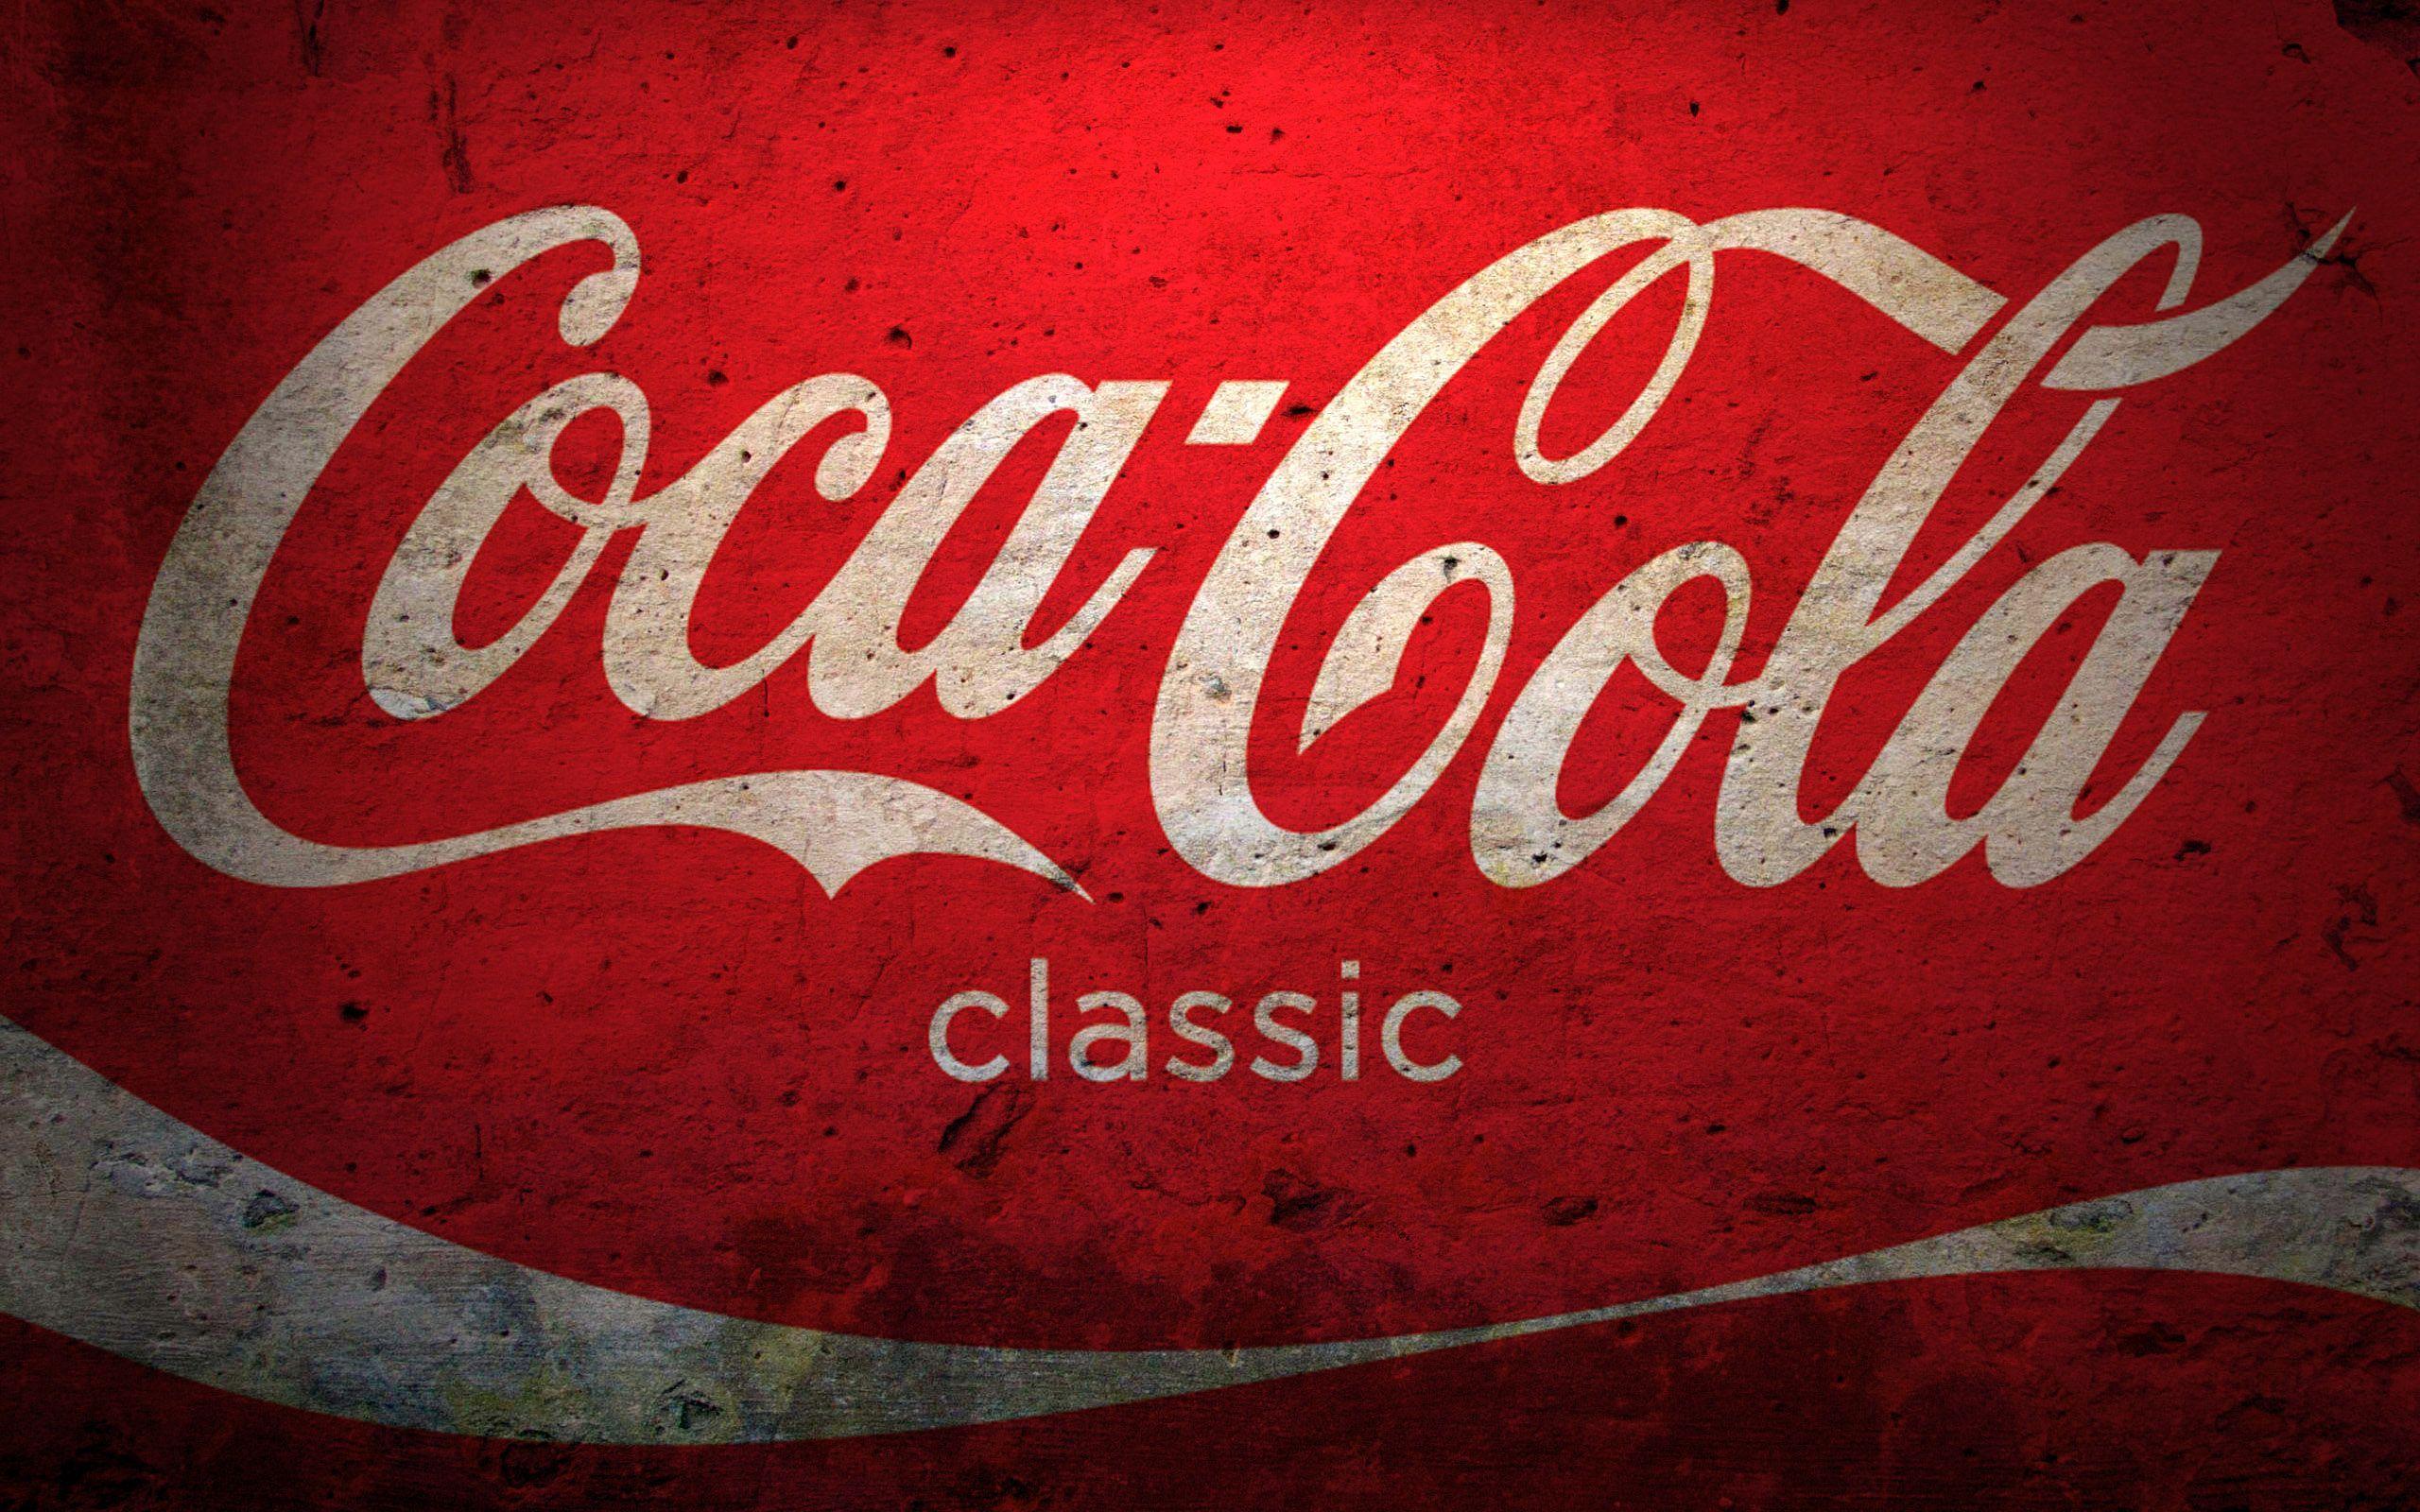 Coca cola wallpaper desktop background kwh beautiful - Nevera coca cola retro ...